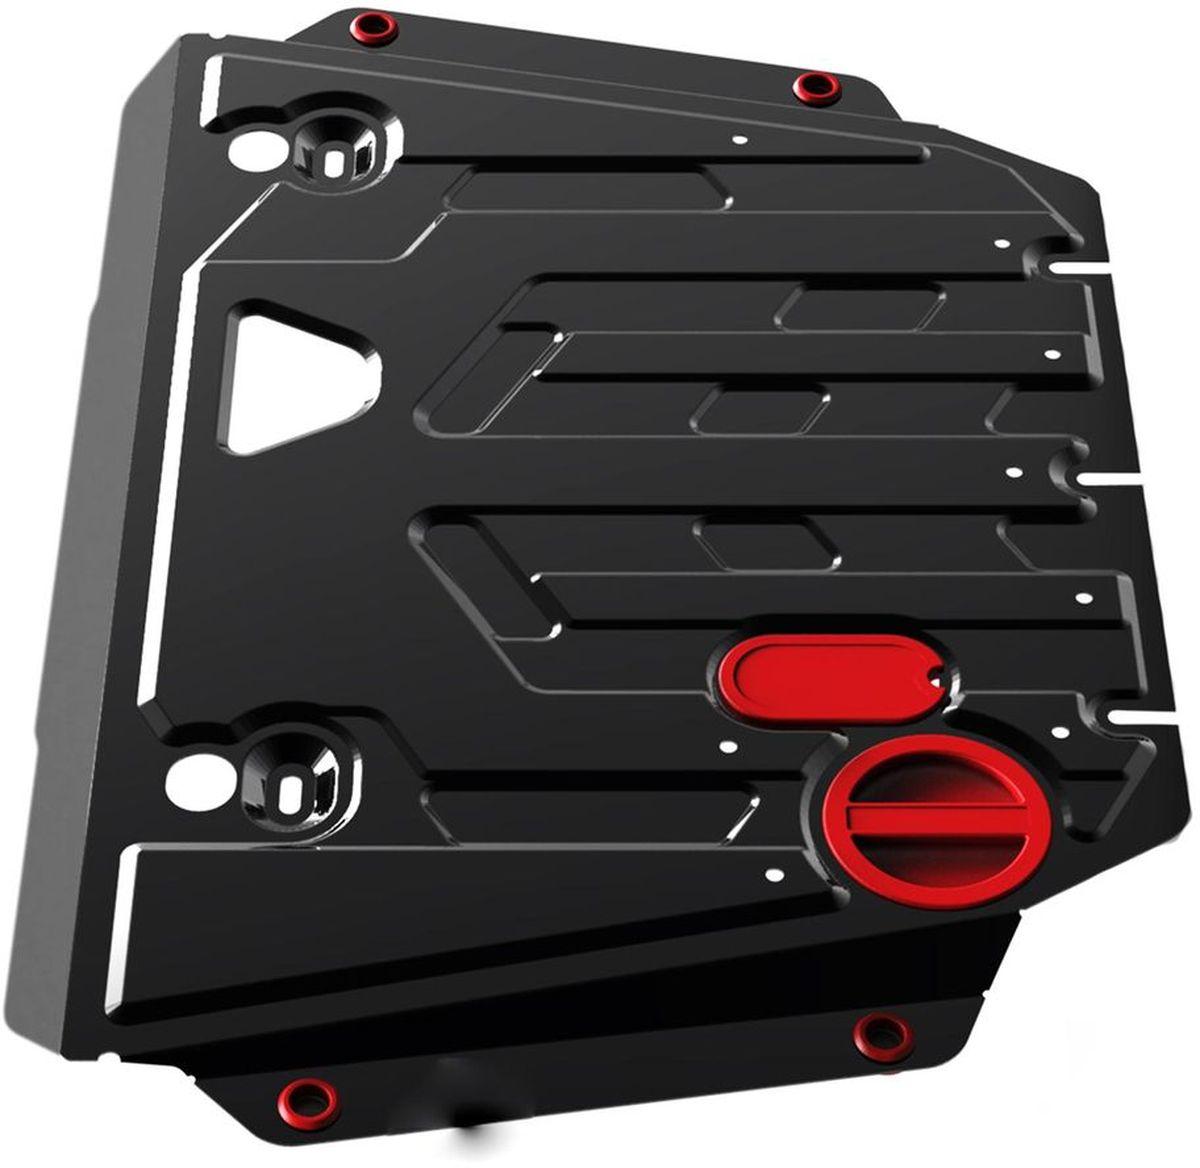 Защита картера и КПП Автоброня, для Chevrolet Spark АКП, V -1,0i (2010-2016)/Ravon R2, V-1.2i (2016-)98298123_черныйТехнологически совершенный продукт за невысокую стоимость.Защита разработана с учетом особенностей днища автомобиля, что позволяет сохранить дорожный просвет с минимальным изменением.Защита устанавливается в штатные места кузова автомобиля. Глубокий штамп обеспечивает до двух раз больше жесткости в сравнении с обычной защитой той же толщины. Проштампованные ребра жесткости препятствуют деформации защиты при ударах.Тепловой зазор и вентиляционные отверстия обеспечивают сохранение температурного режима двигателя в норме. Скрытый крепеж предотвращает срыв крепежных элементов при наезде на препятствие.Шумопоглощающие резиновые элементы обеспечивают комфортную езду без вибраций и скрежета металла, а съемные лючки для слива масла и замены фильтра - экономию средств и время.Конструкция изделия не влияет на пассивную безопасность автомобиля (при ударе защита не воздействует на деформационные зоны кузова). Со штатным крепежом. В комплекте инструкция по установке.Толщина стали: 2 мм.Уважаемые клиенты!Обращаем ваше внимание, что элемент защиты имеет форму, соответствующую модели данного автомобиля. Фото служит для визуального восприятия товара и может отличаться от фактического.